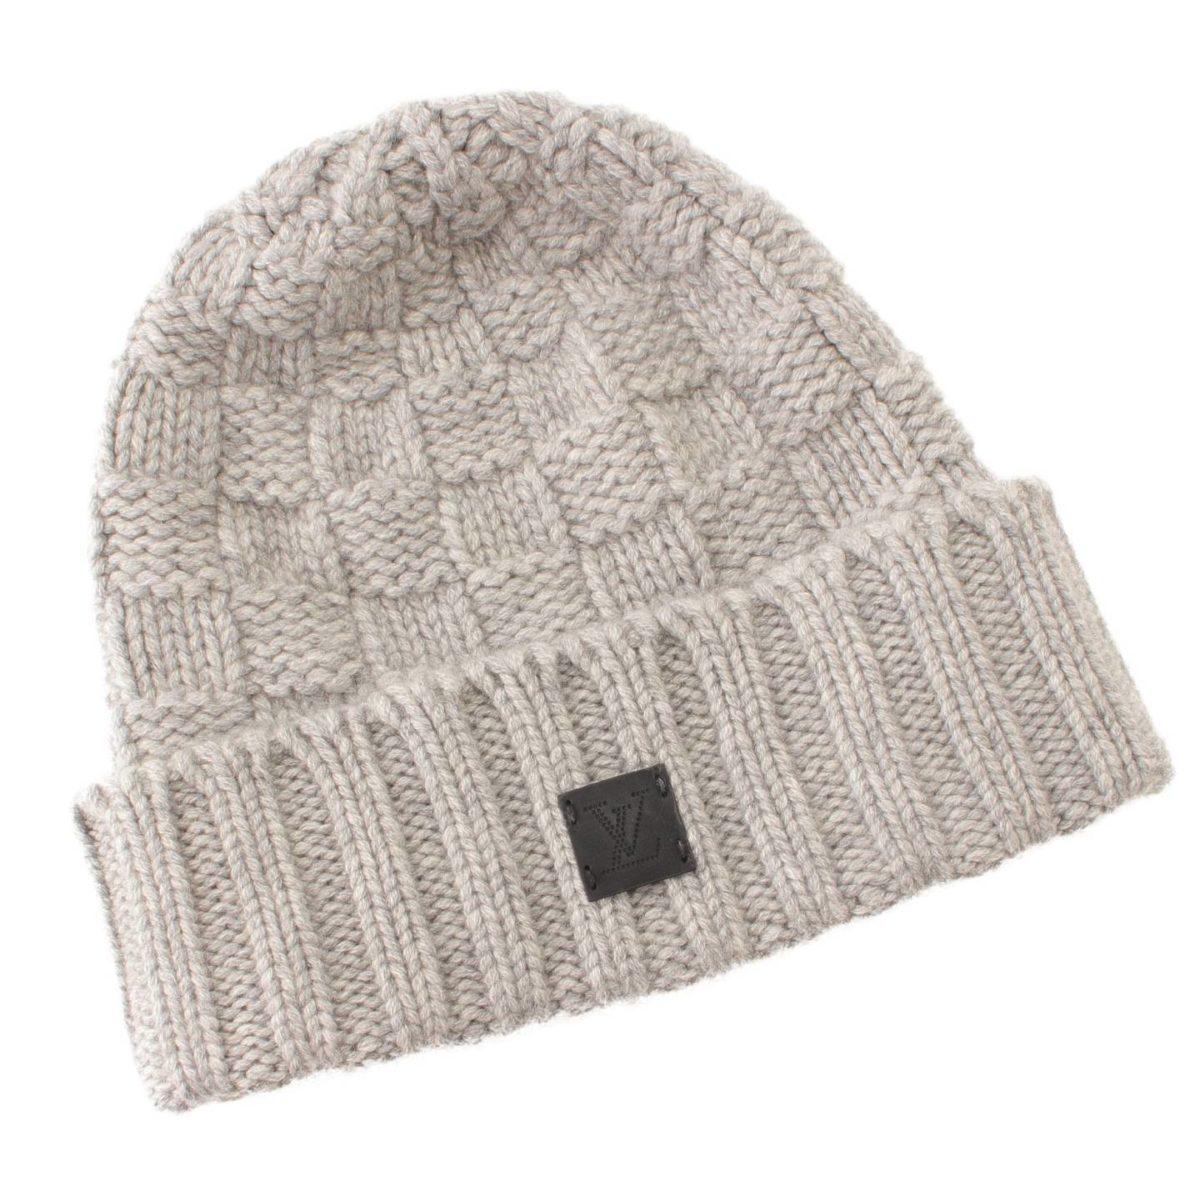 ルイヴィトン ダミエ ボネ・ヘルシンキ カシミヤ ニット帽 M74404 グレー